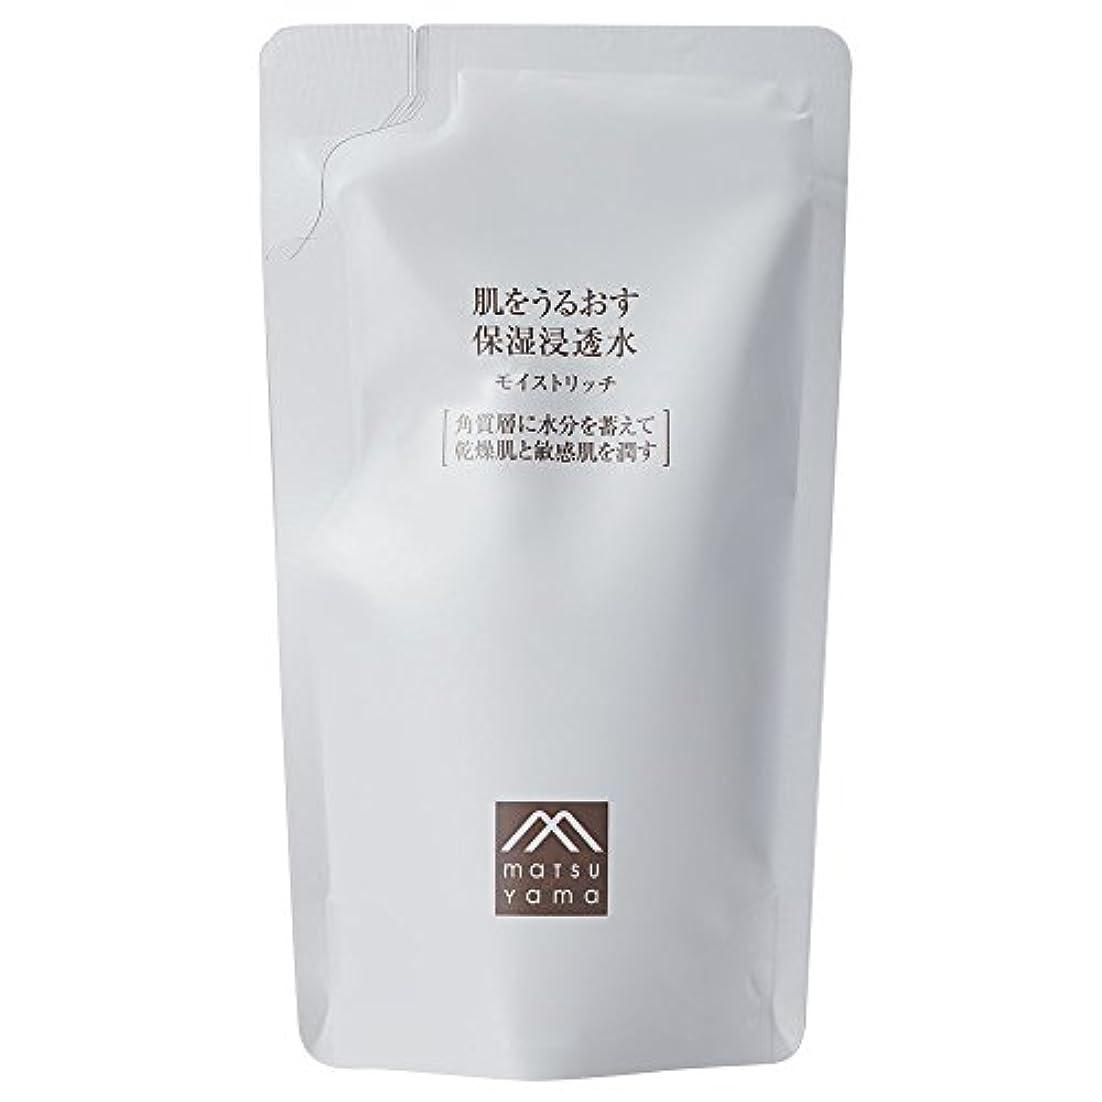 アクチュエータセクタウェイド肌をうるおす保湿浸透水 モイストリッチ 詰替用(化粧水) しっとり [乾燥肌 敏感肌]